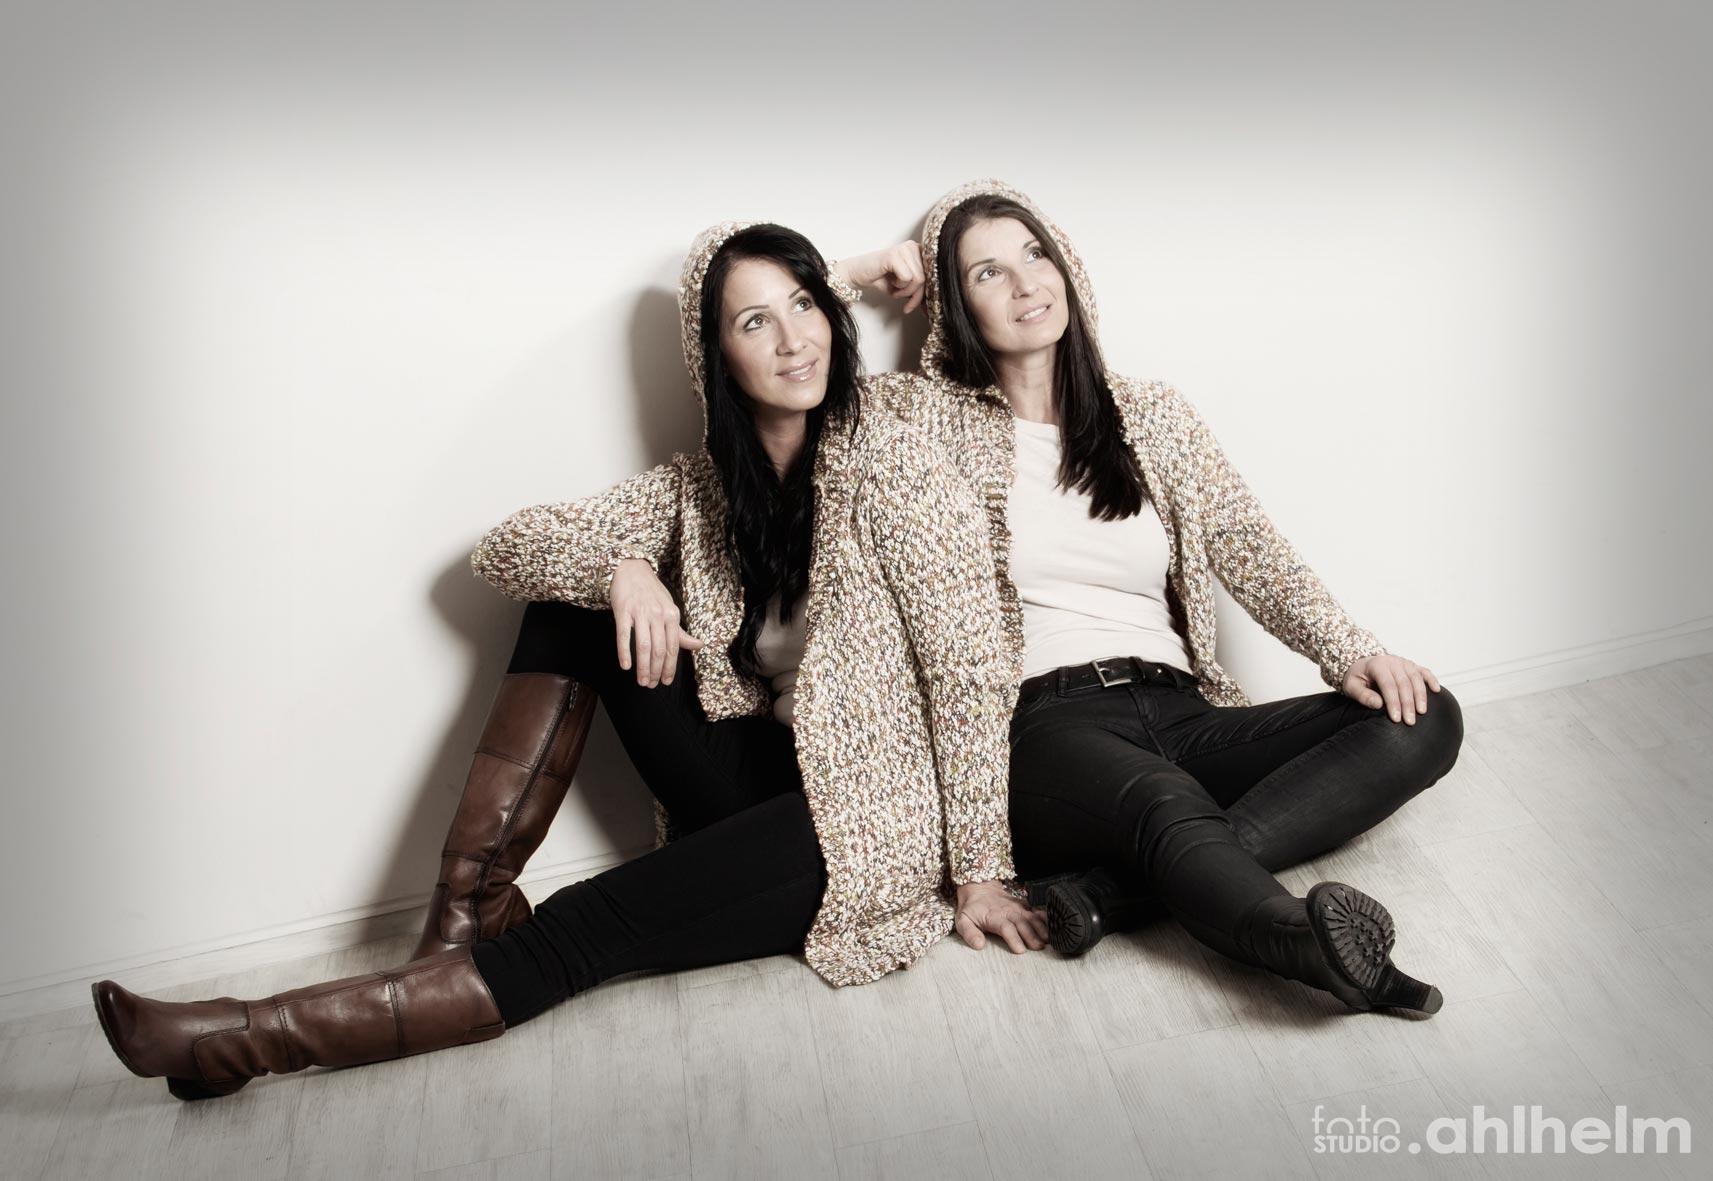 Fotostudio Ahlhelm Portrait Geschwister